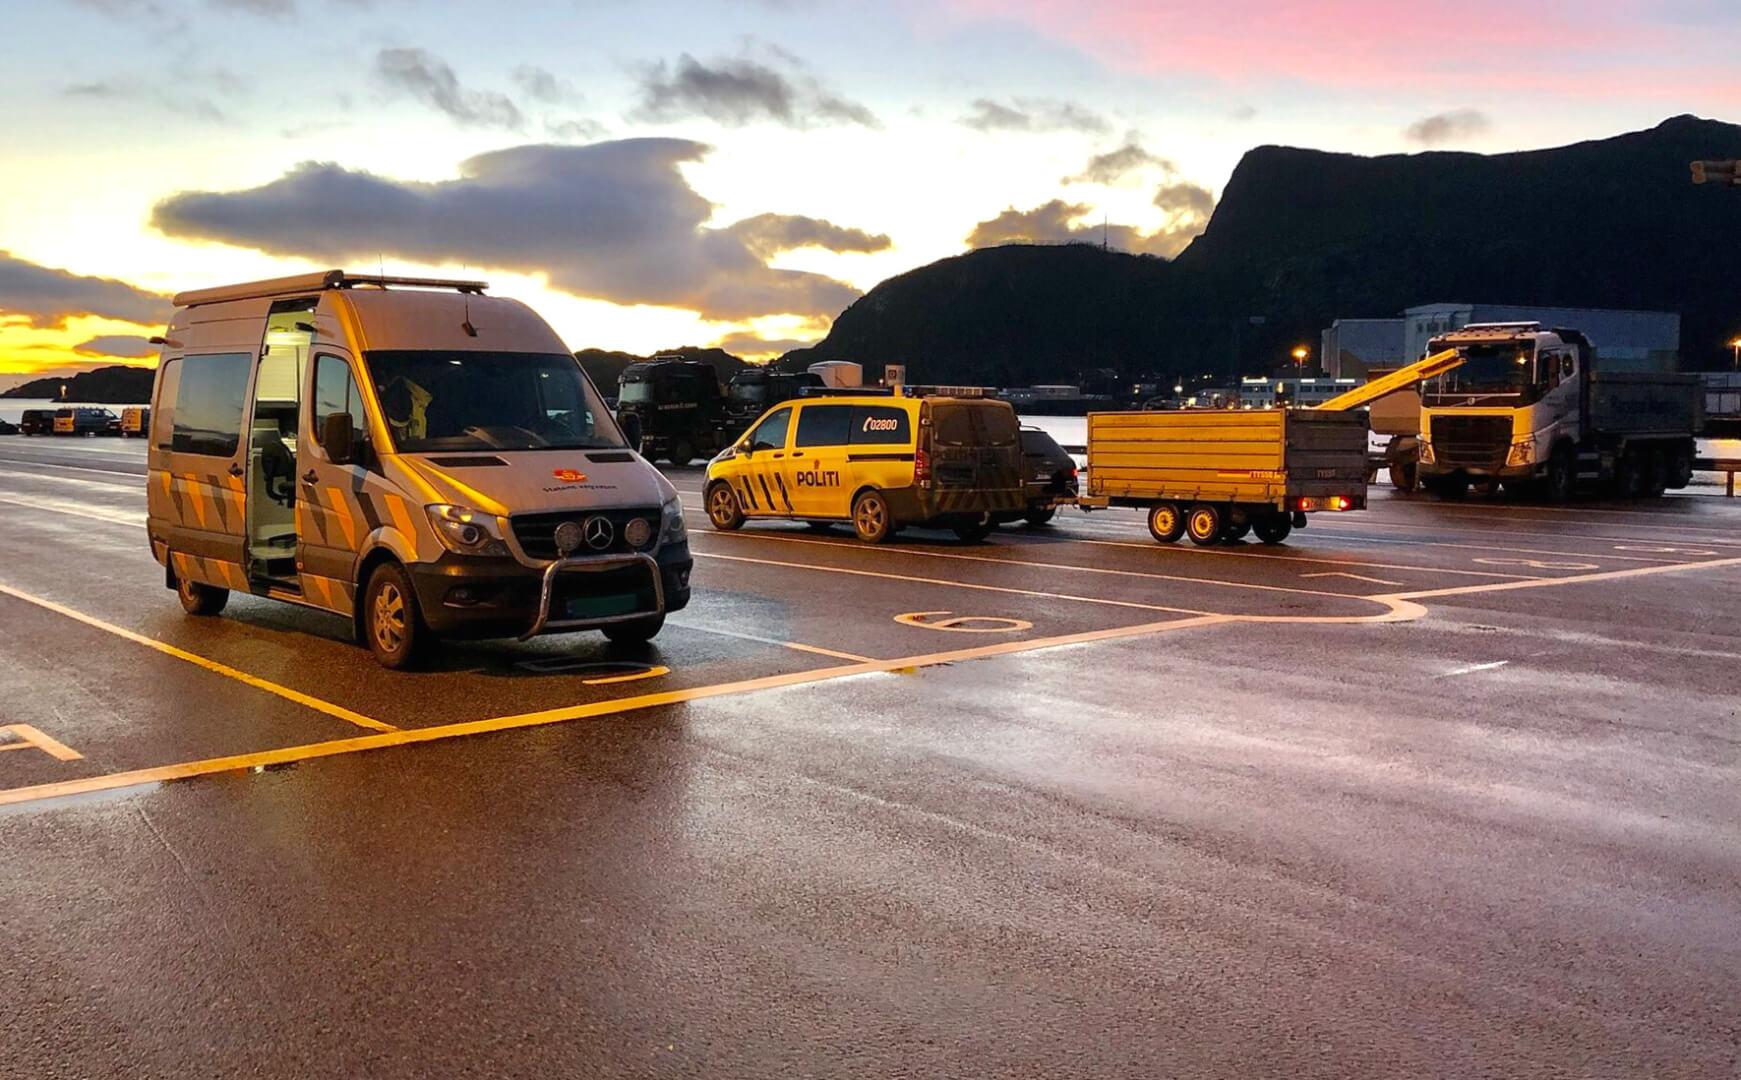 Norvegijoje užsienio vairuotojams netgi už mažą nuobaudą dedamas rato blokatorius